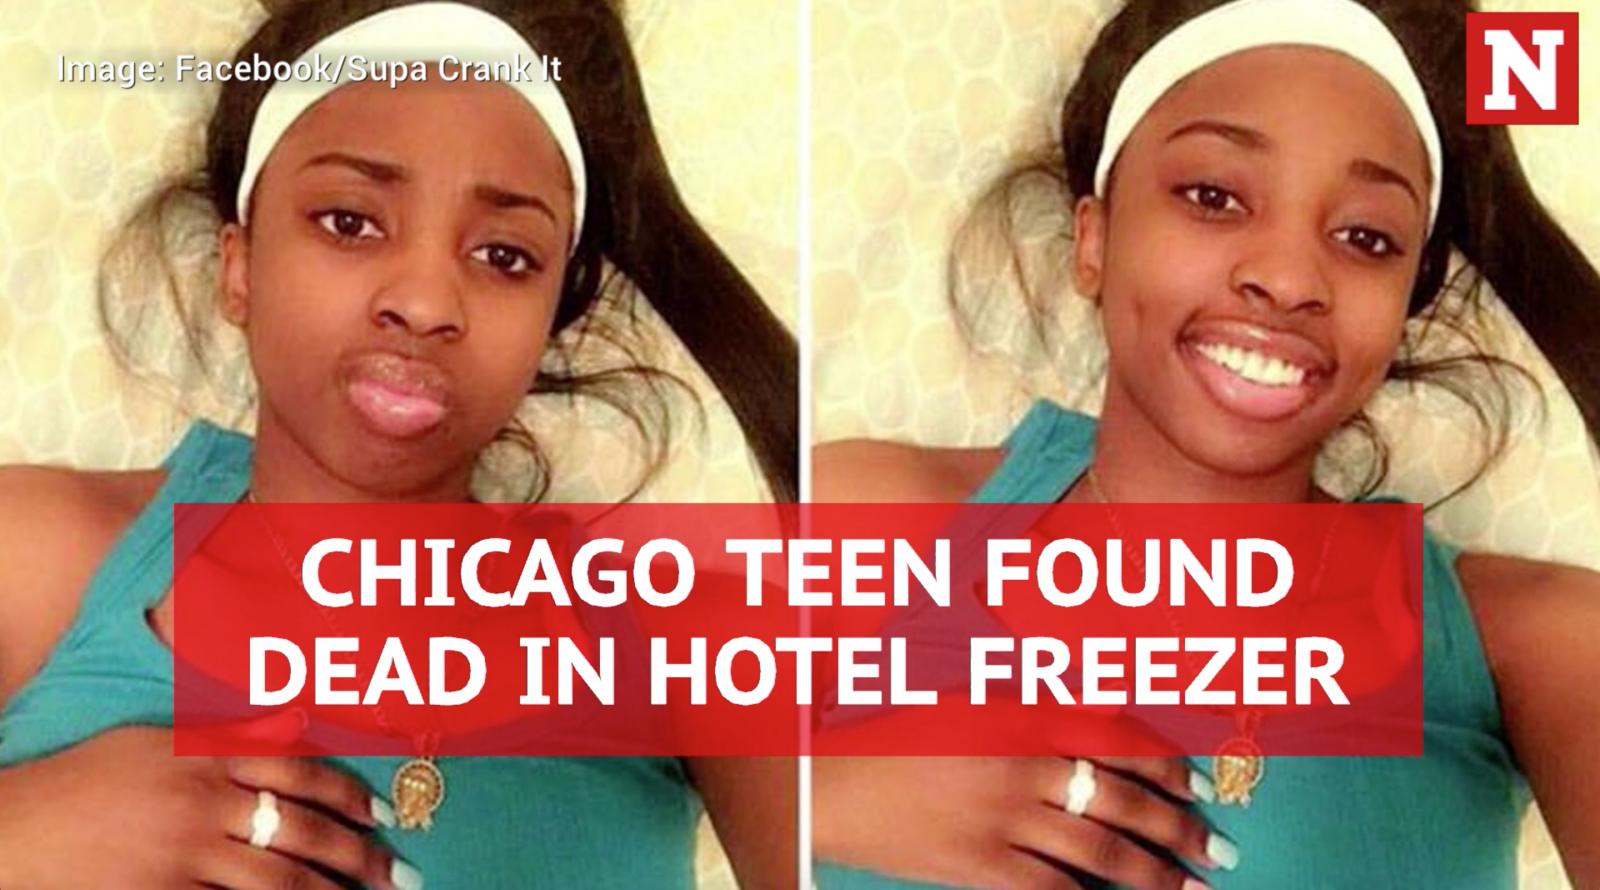 chicago-teen-found-dead-in-hotel-freezer